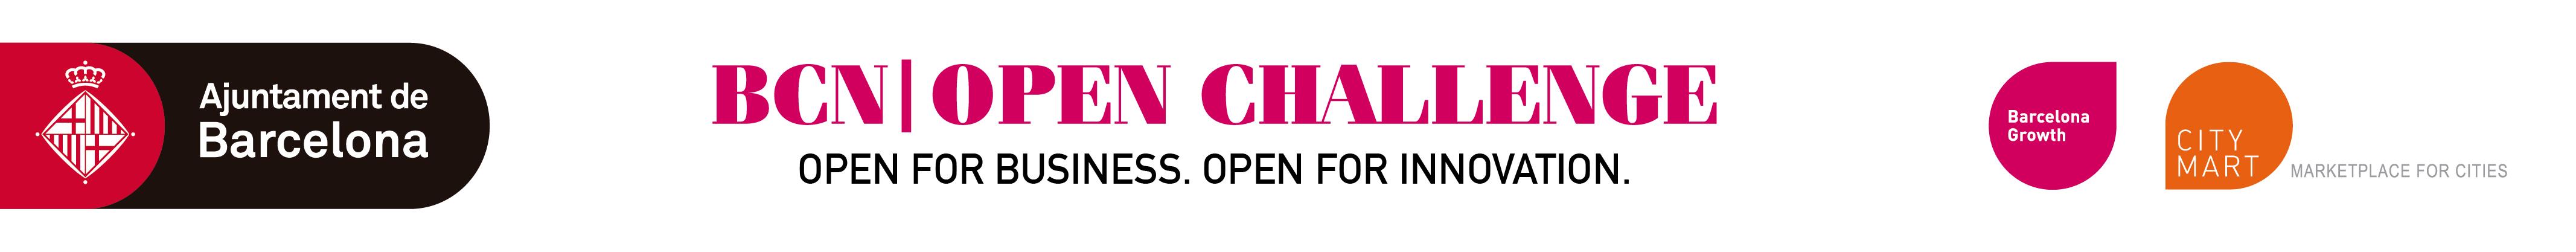 Barcelona Open Challenge